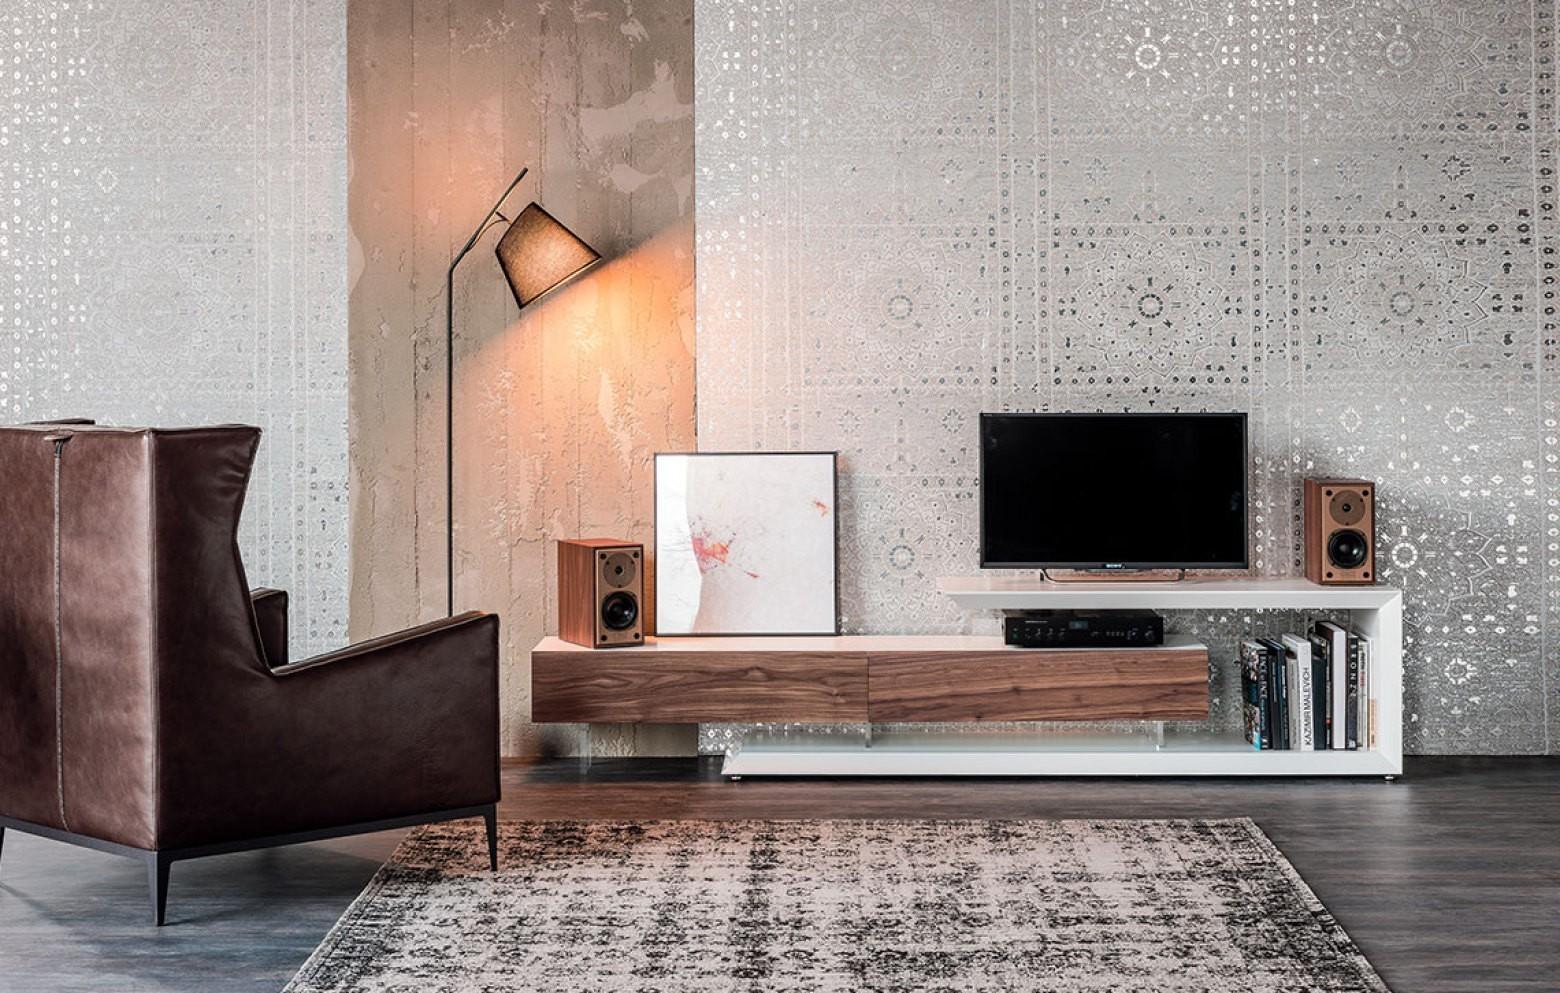 wohnschrnke modern amazing gerumiges modern wohnzimmer fotos wohnzimmer mobel www gunstiger. Black Bedroom Furniture Sets. Home Design Ideas